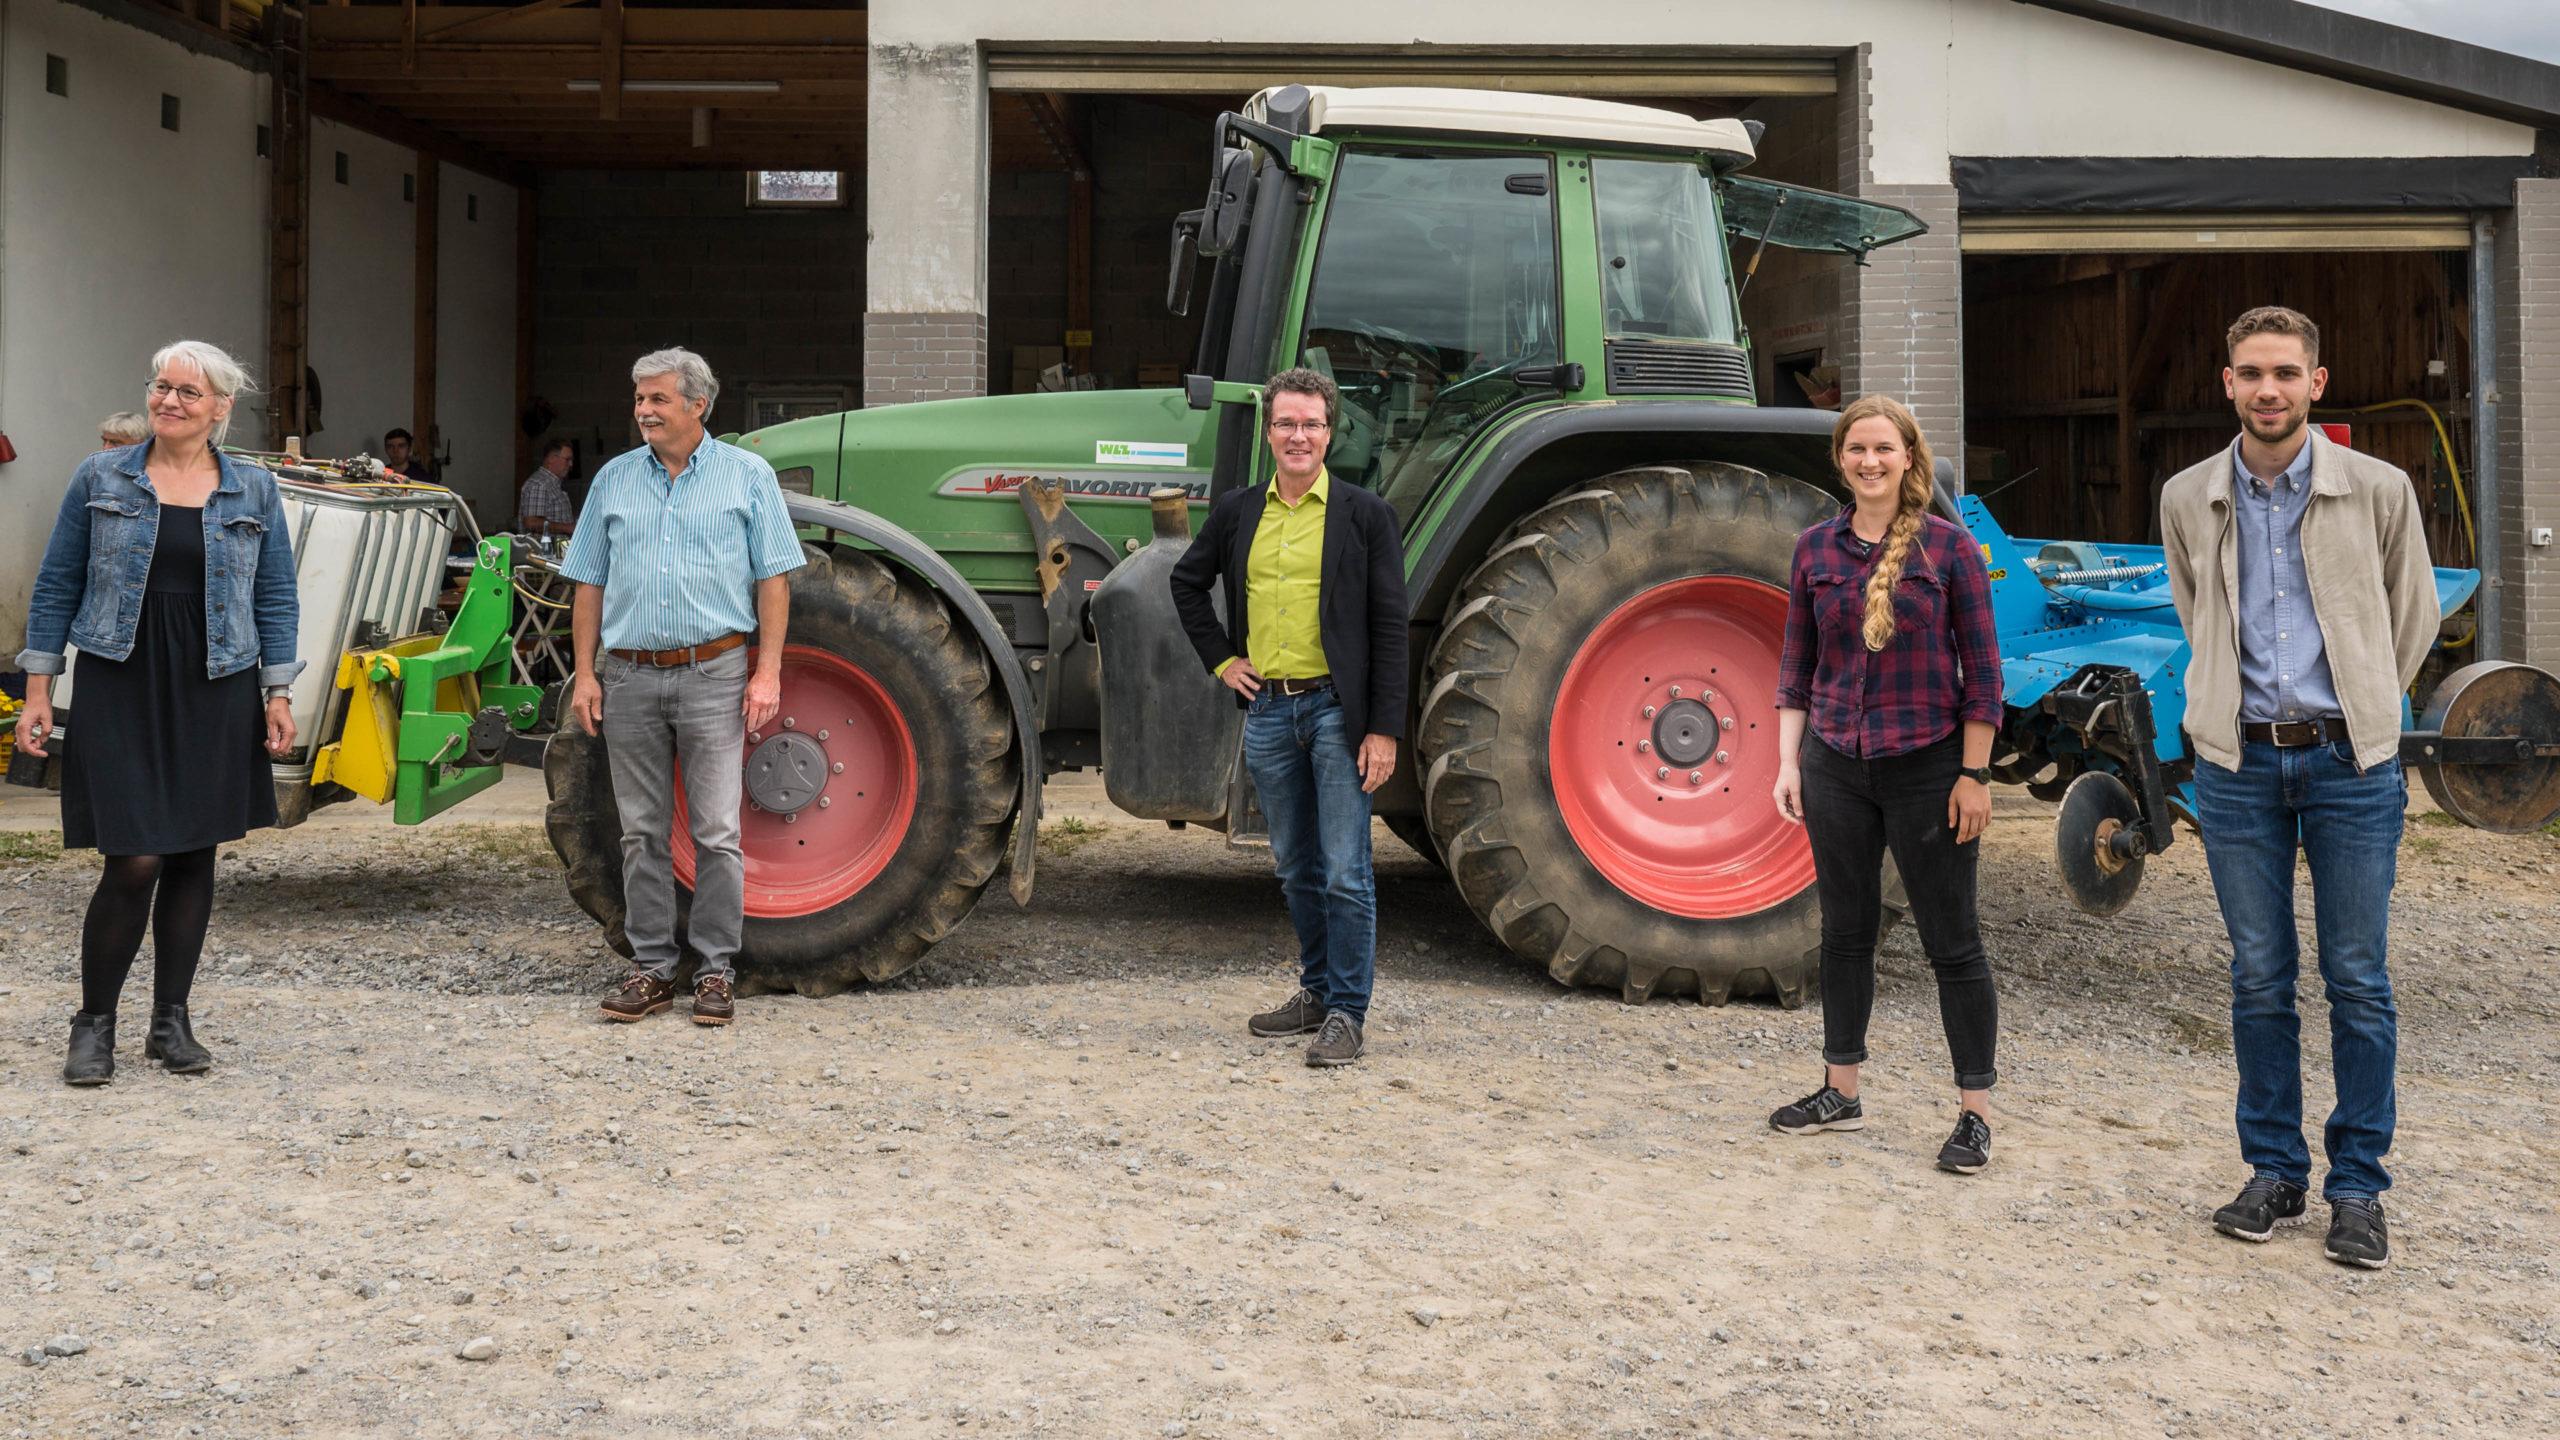 Raus aus eingefahrenen Mustern – Grüne Bundestagskandidatin Sara Haug mit MdB Harald Ebner (Bündnis 90/Die Grünen) in Vollmaringen